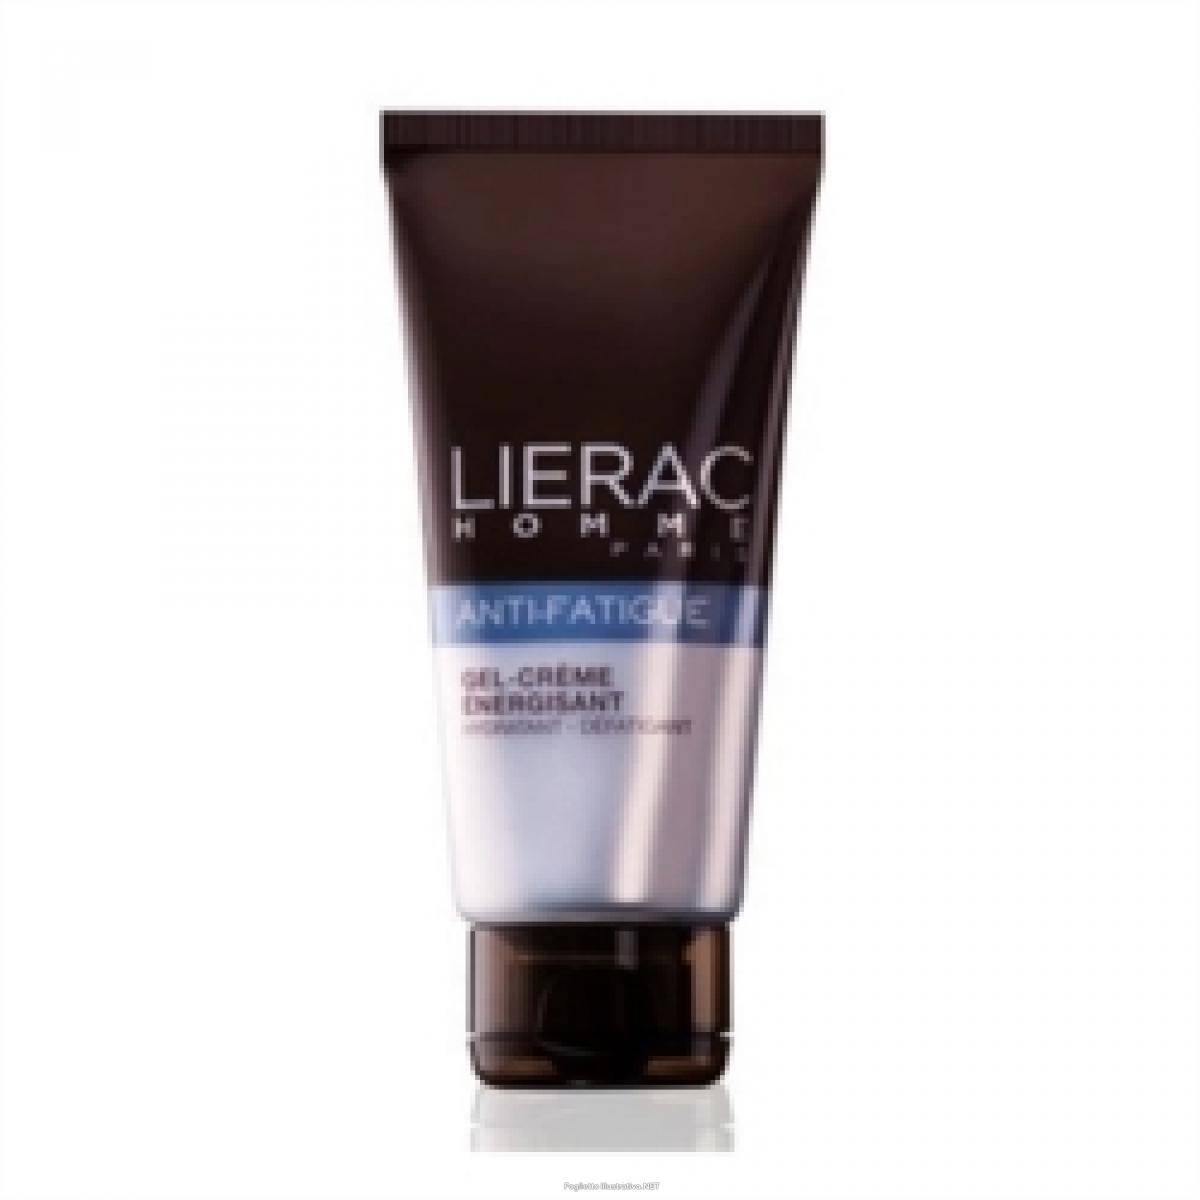 Lierac homme anti-fatigue gel-crema idratante 50 ml a 23..